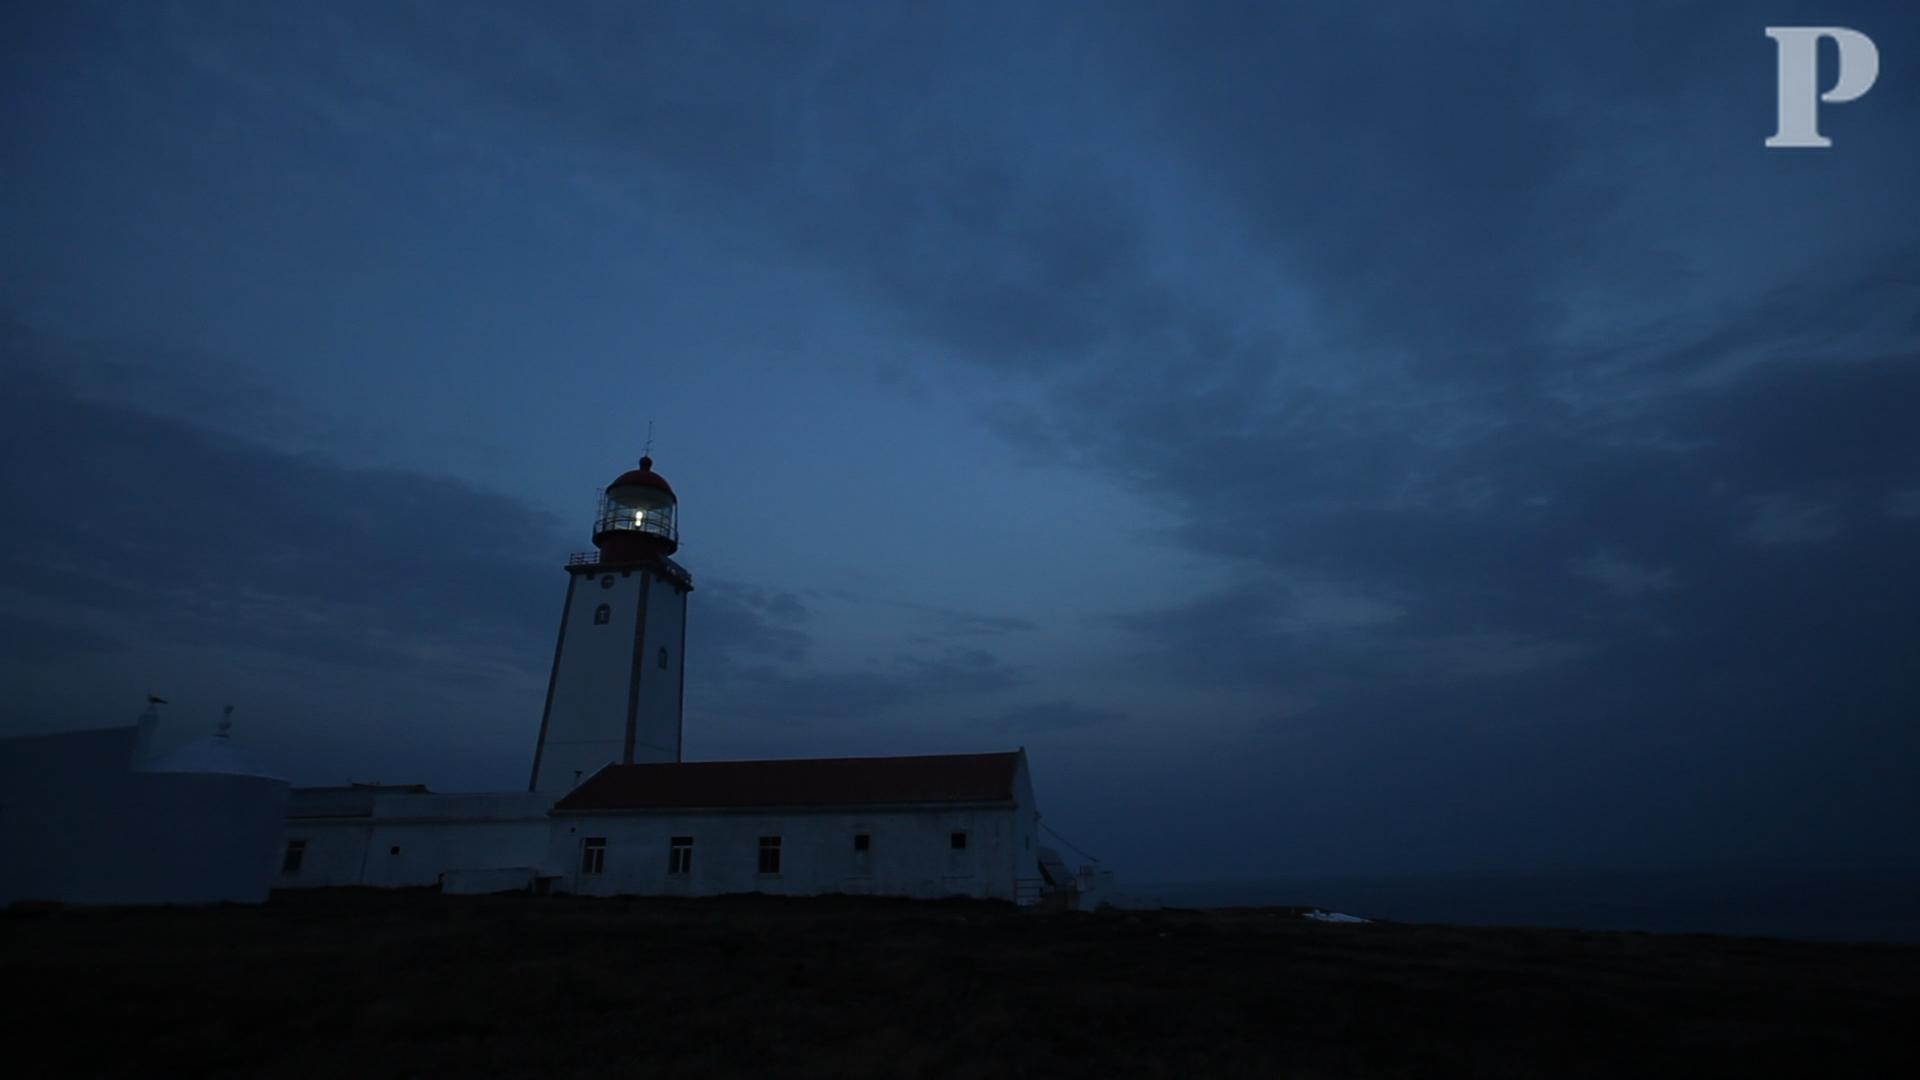 Série Mar Português: Sentinela de luz na ilha das gaivotas